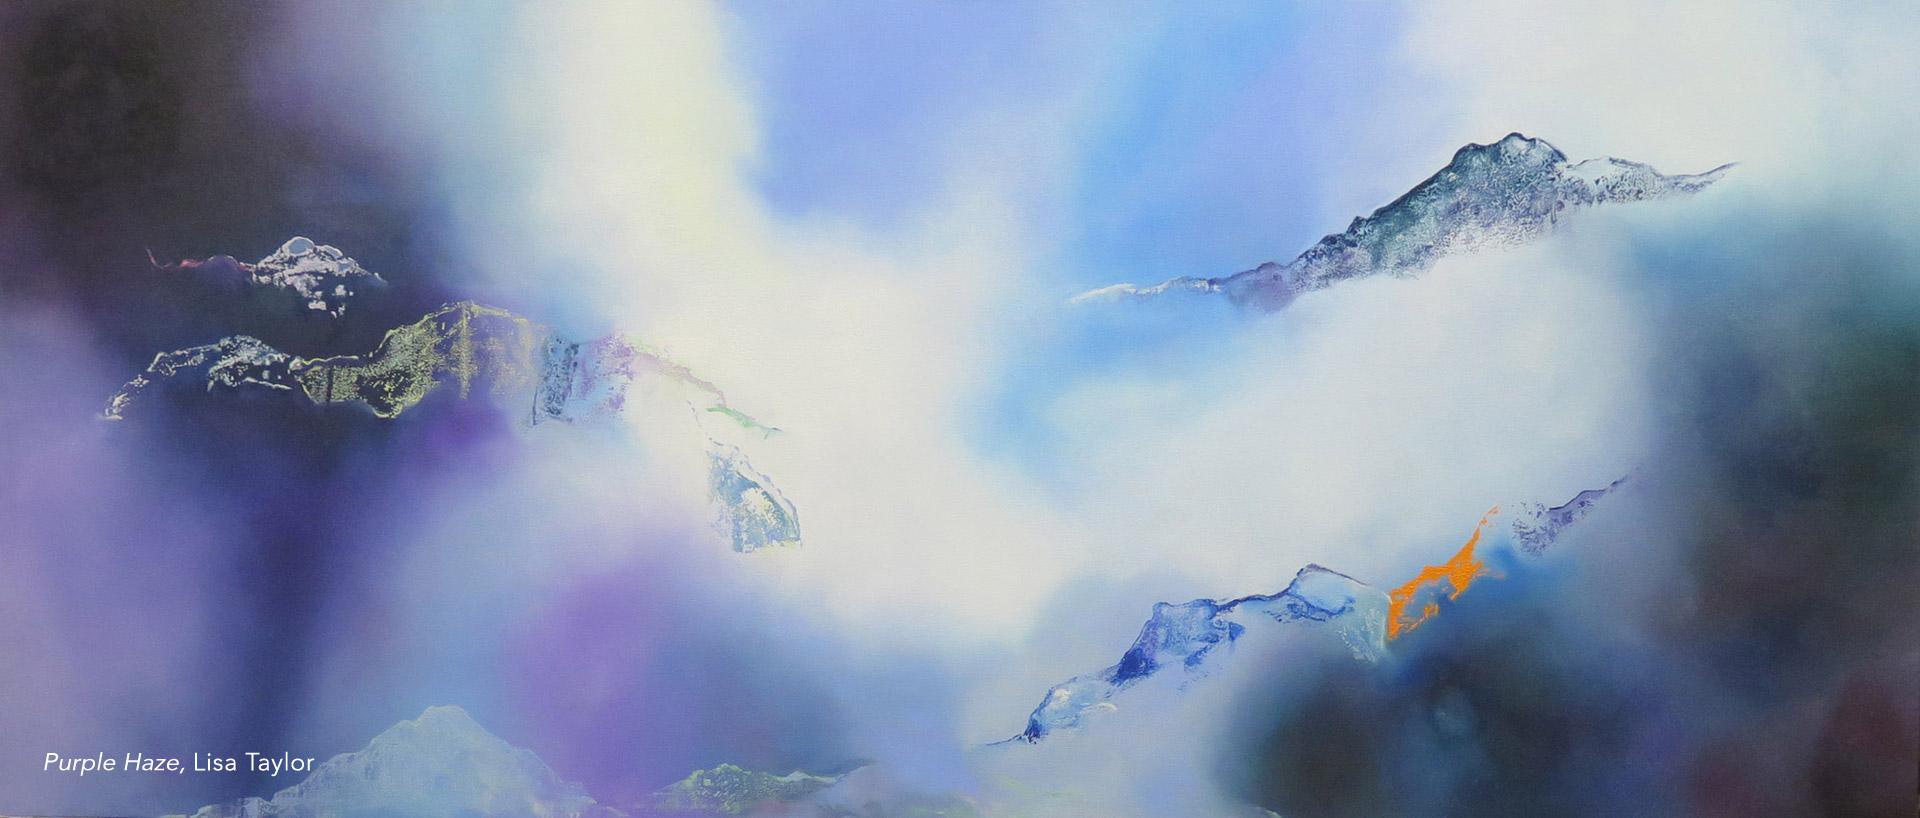 Purple Haze, Lisa Taylor